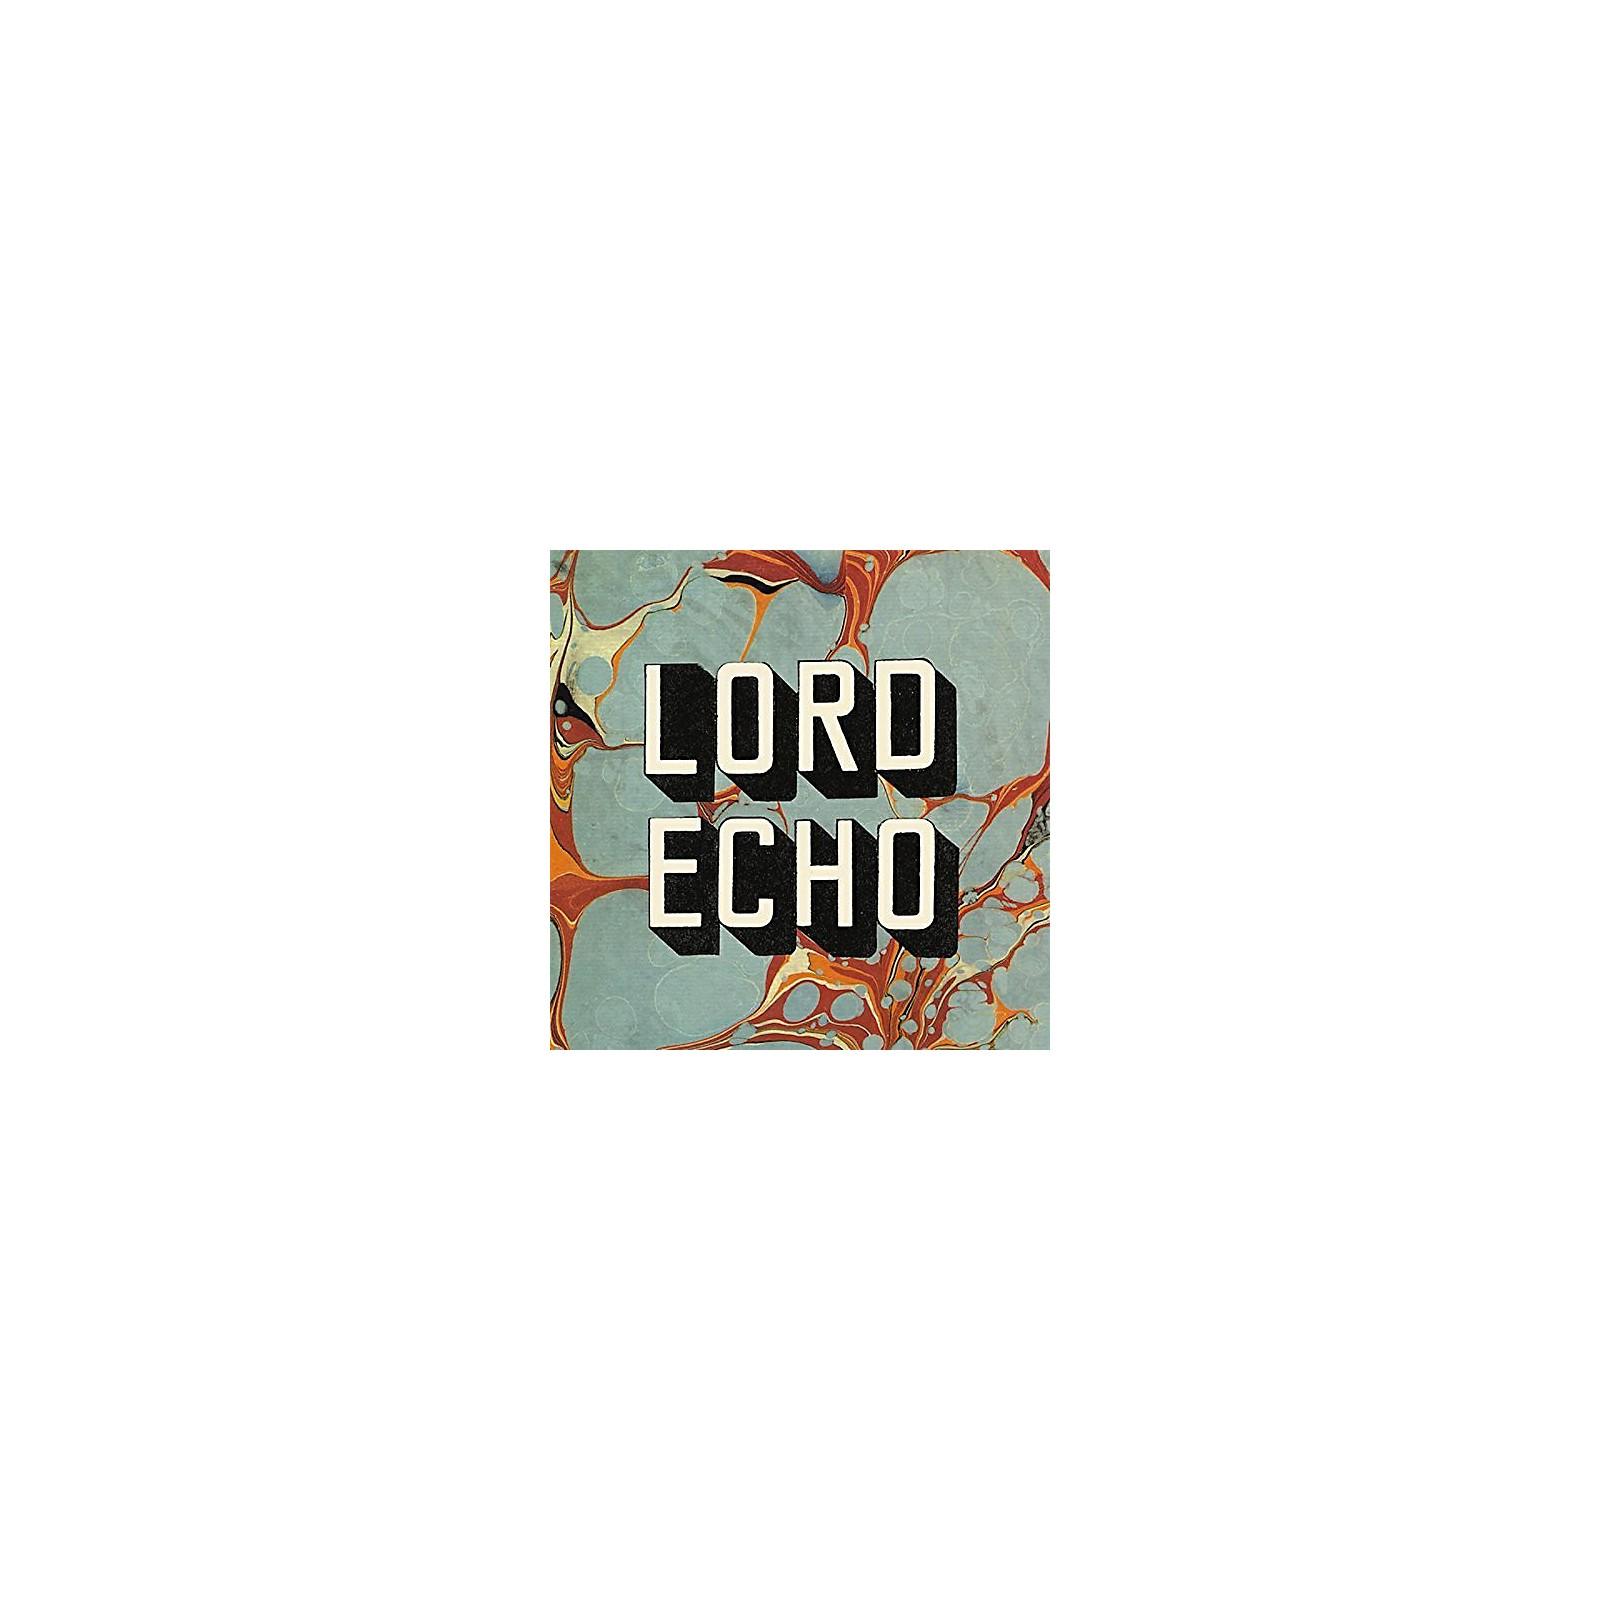 Alliance Lord Echo - Harmonies - Dj Friendly Edition